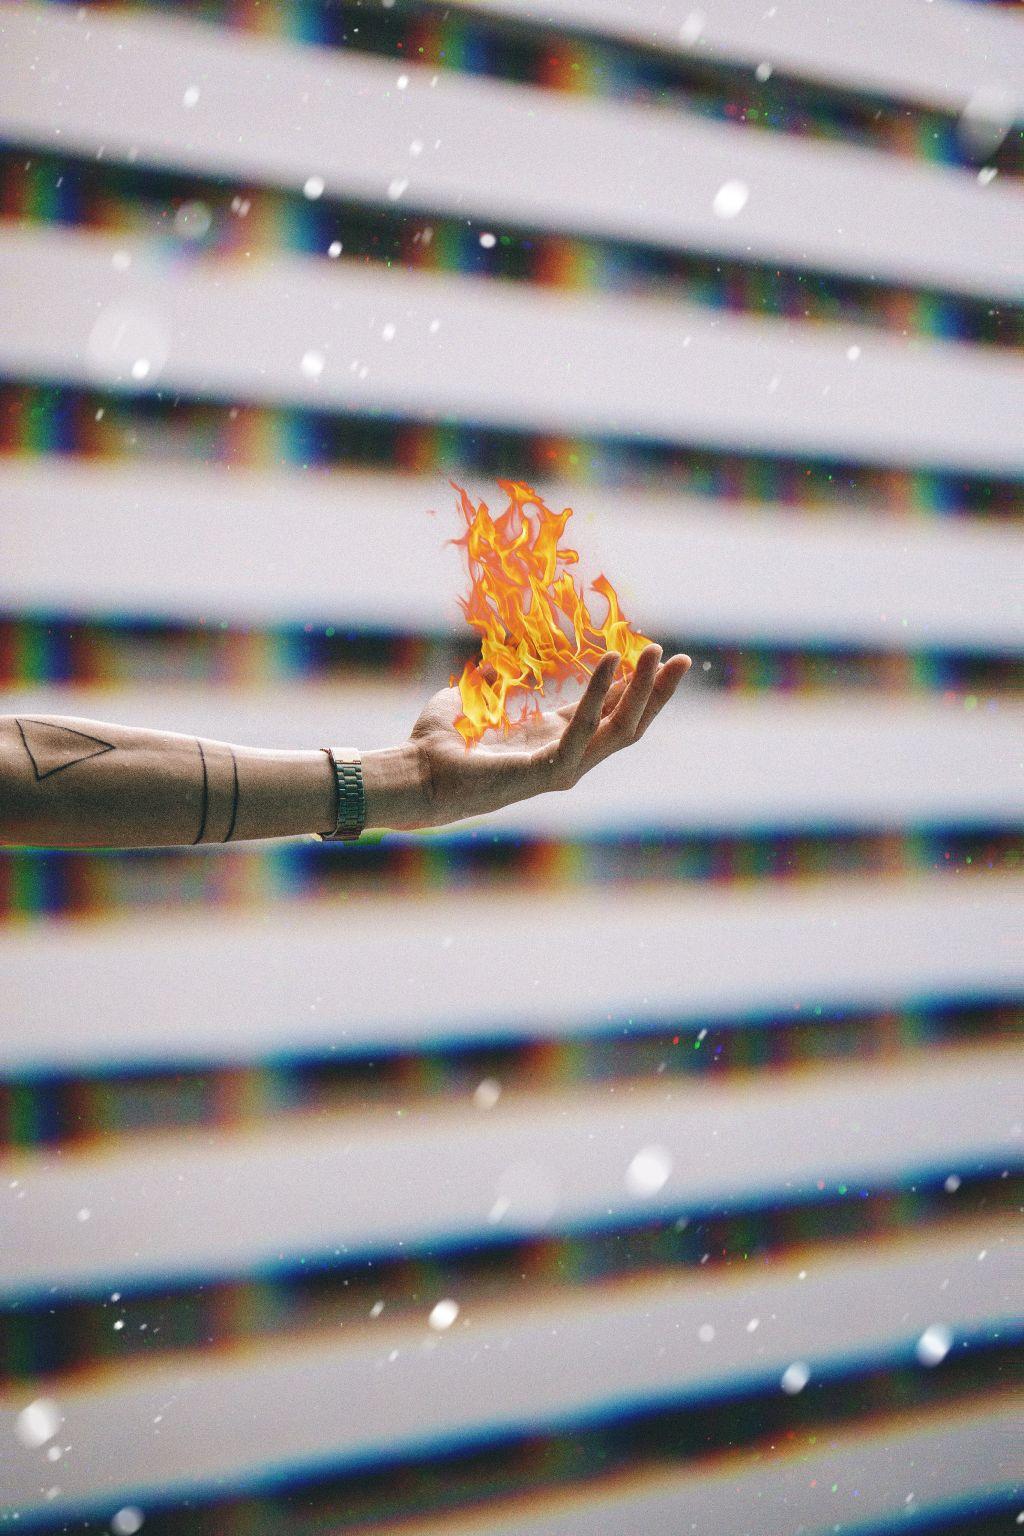 Fire in me. #freetoedit